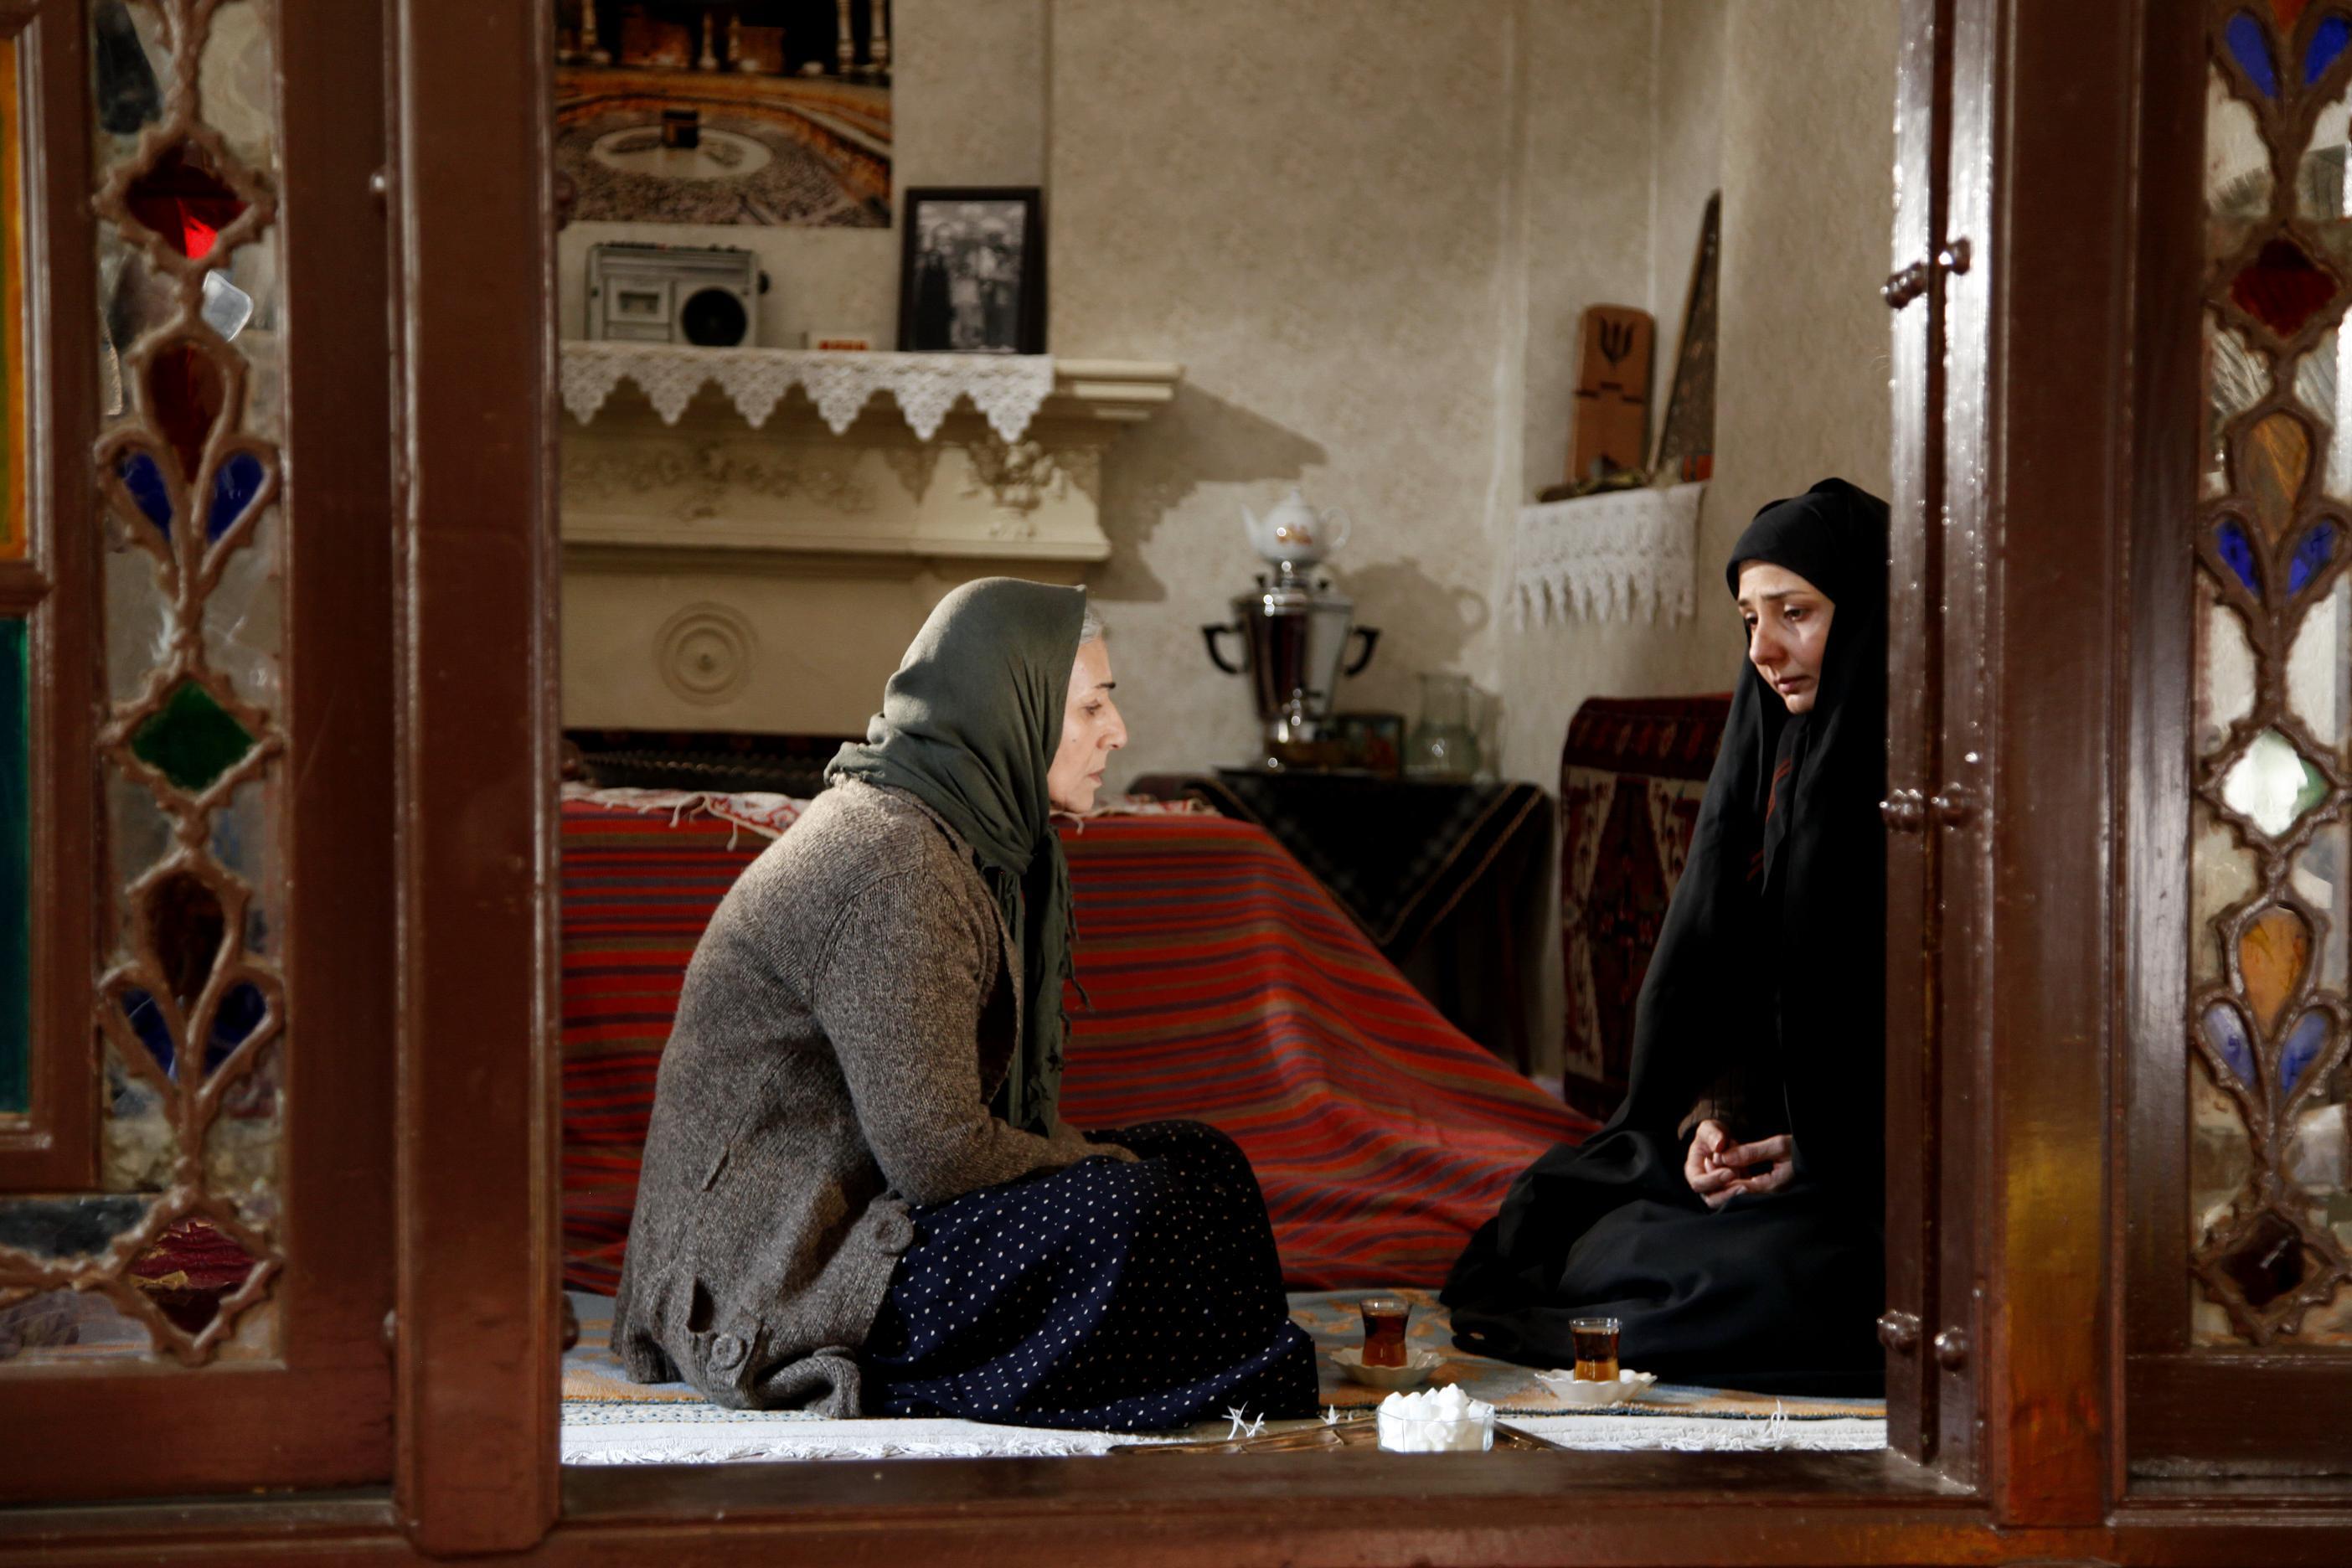 مریم بوبانی و بهار نوحیان در نمایی از یونس